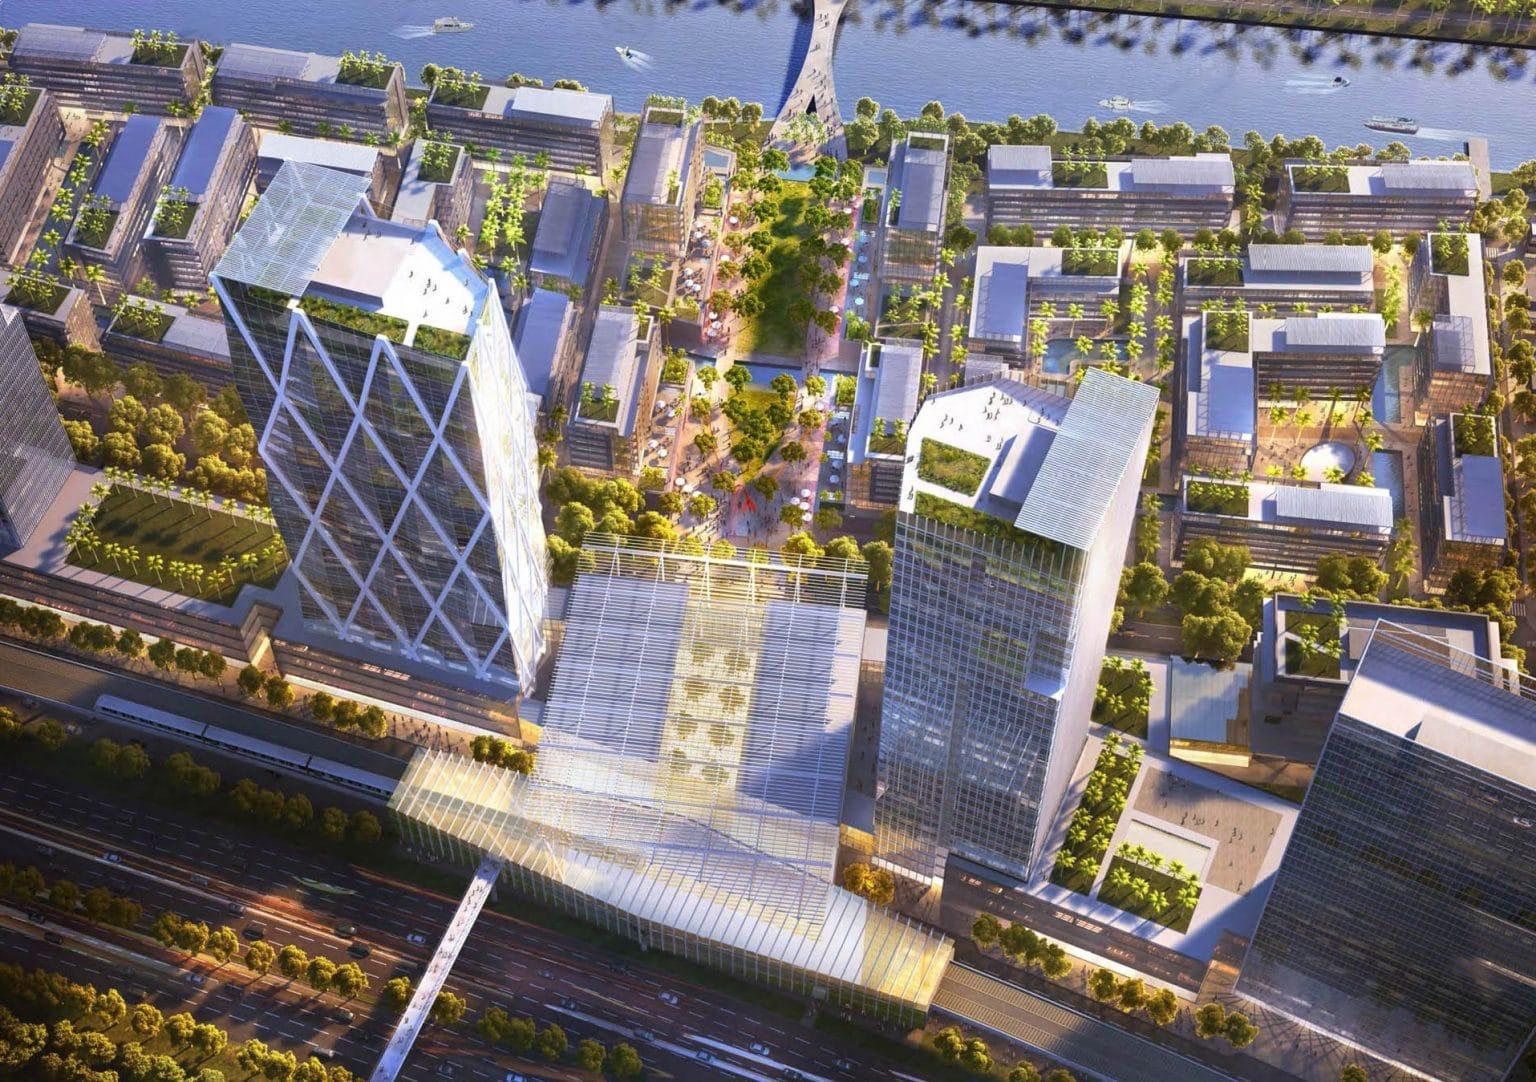 dự án khu đô thị vicem, biệt thự vicem thủ đức, nhà phố vicem thủ đức, căn hộ vicem thủ đức, vicem hà tiên thủ đức